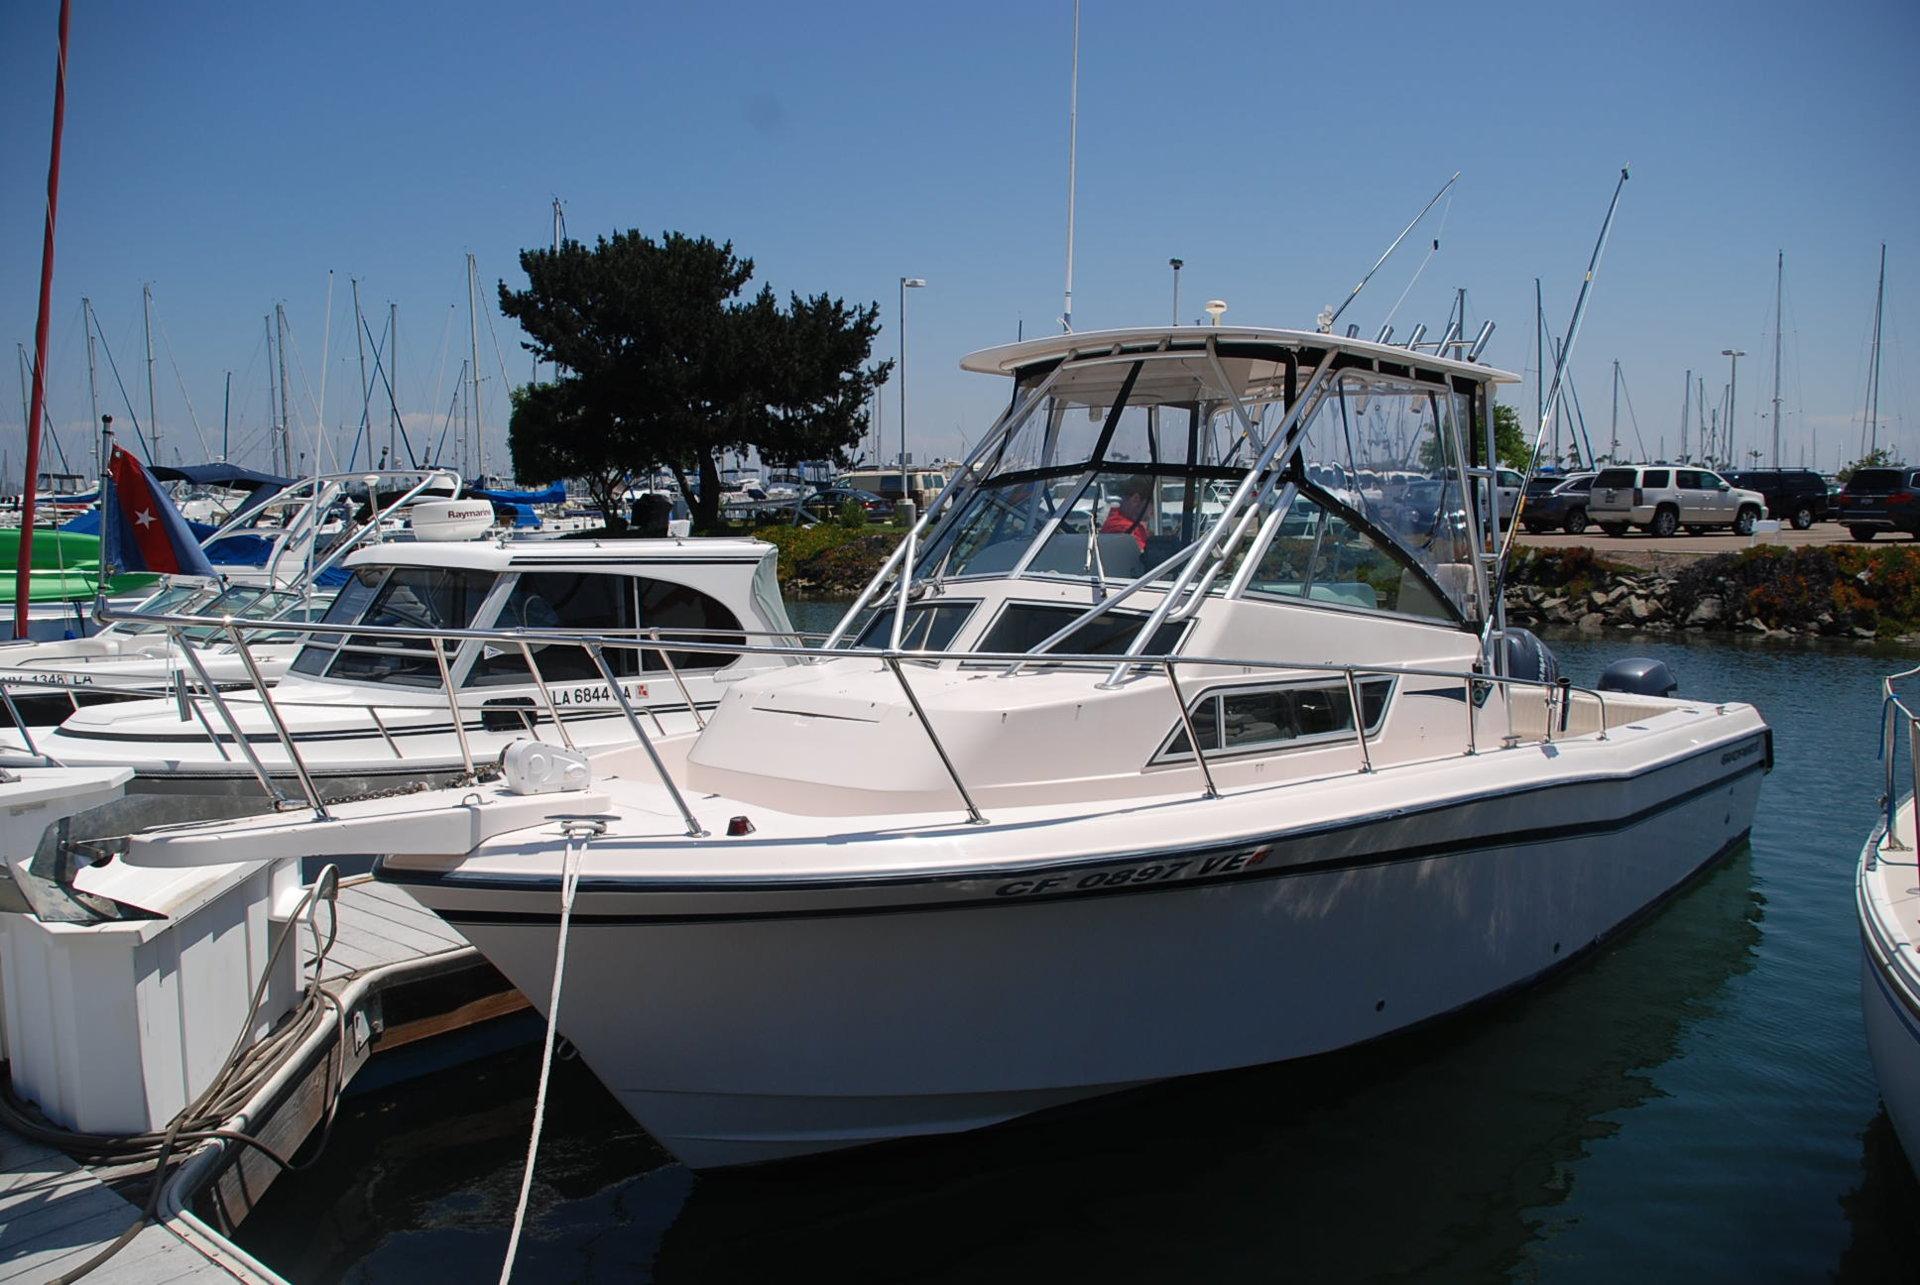 2000 Grady White 272 SailFish | Bloodydecks